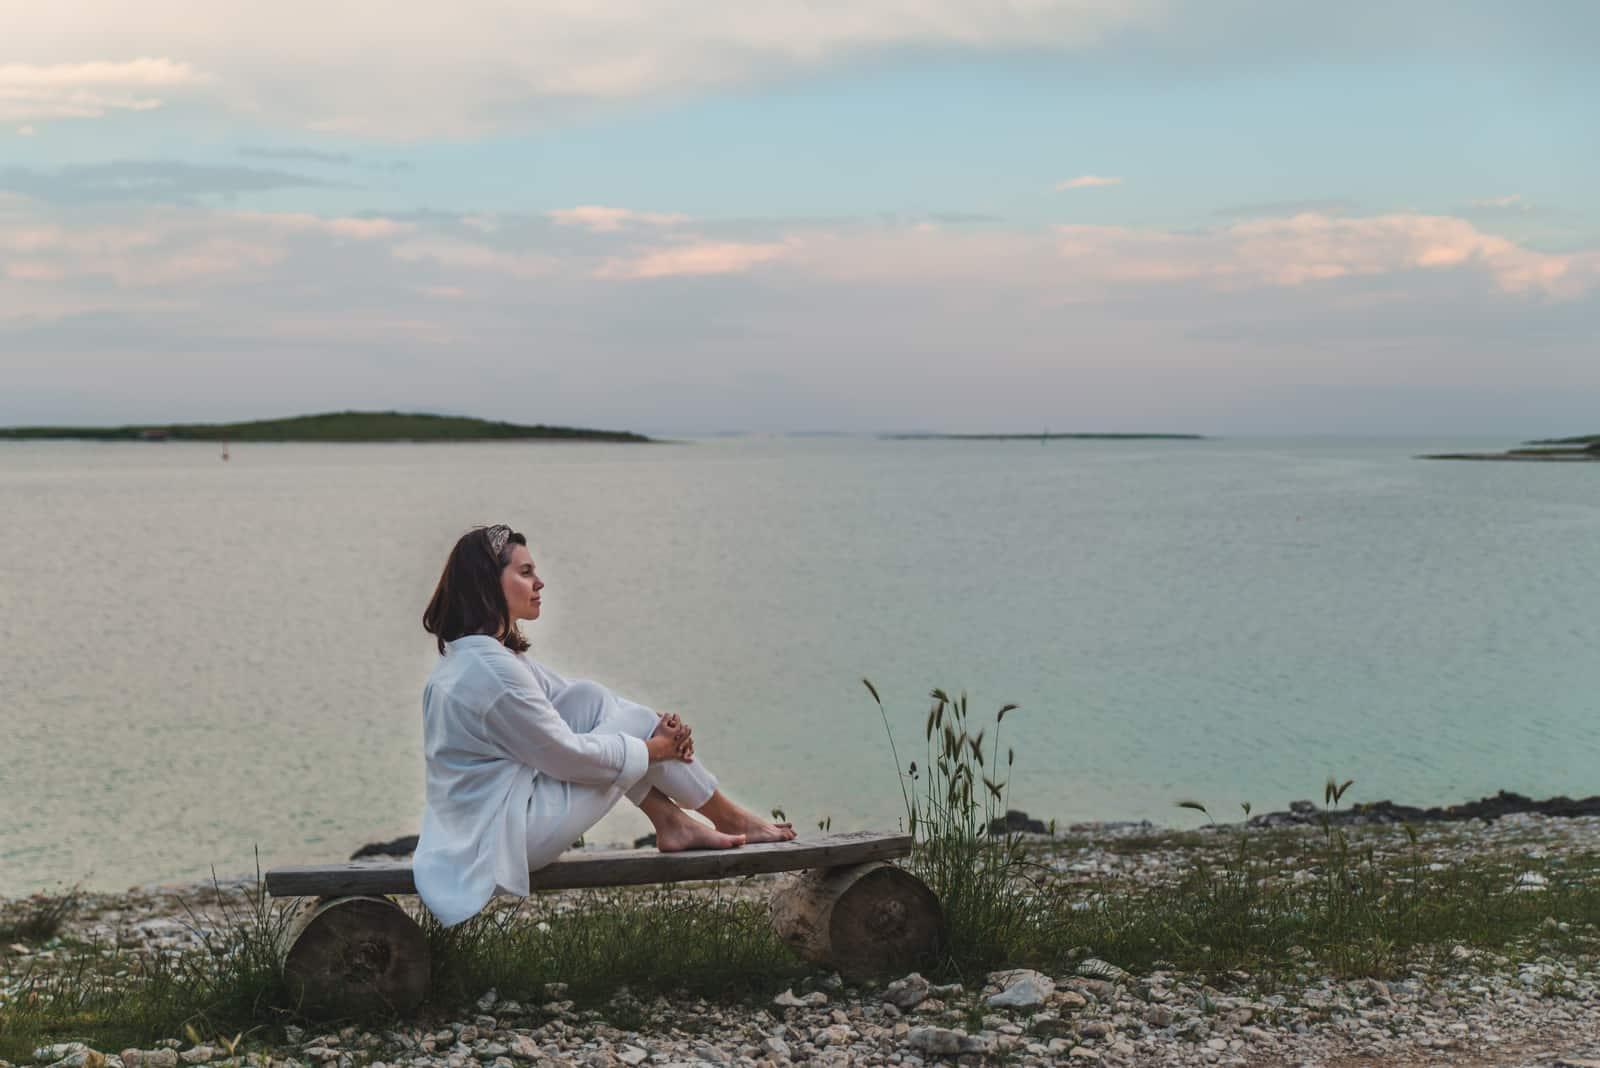 Frau sitzt auf Bank und schaut auf Sonnenuntergang über dem Meer